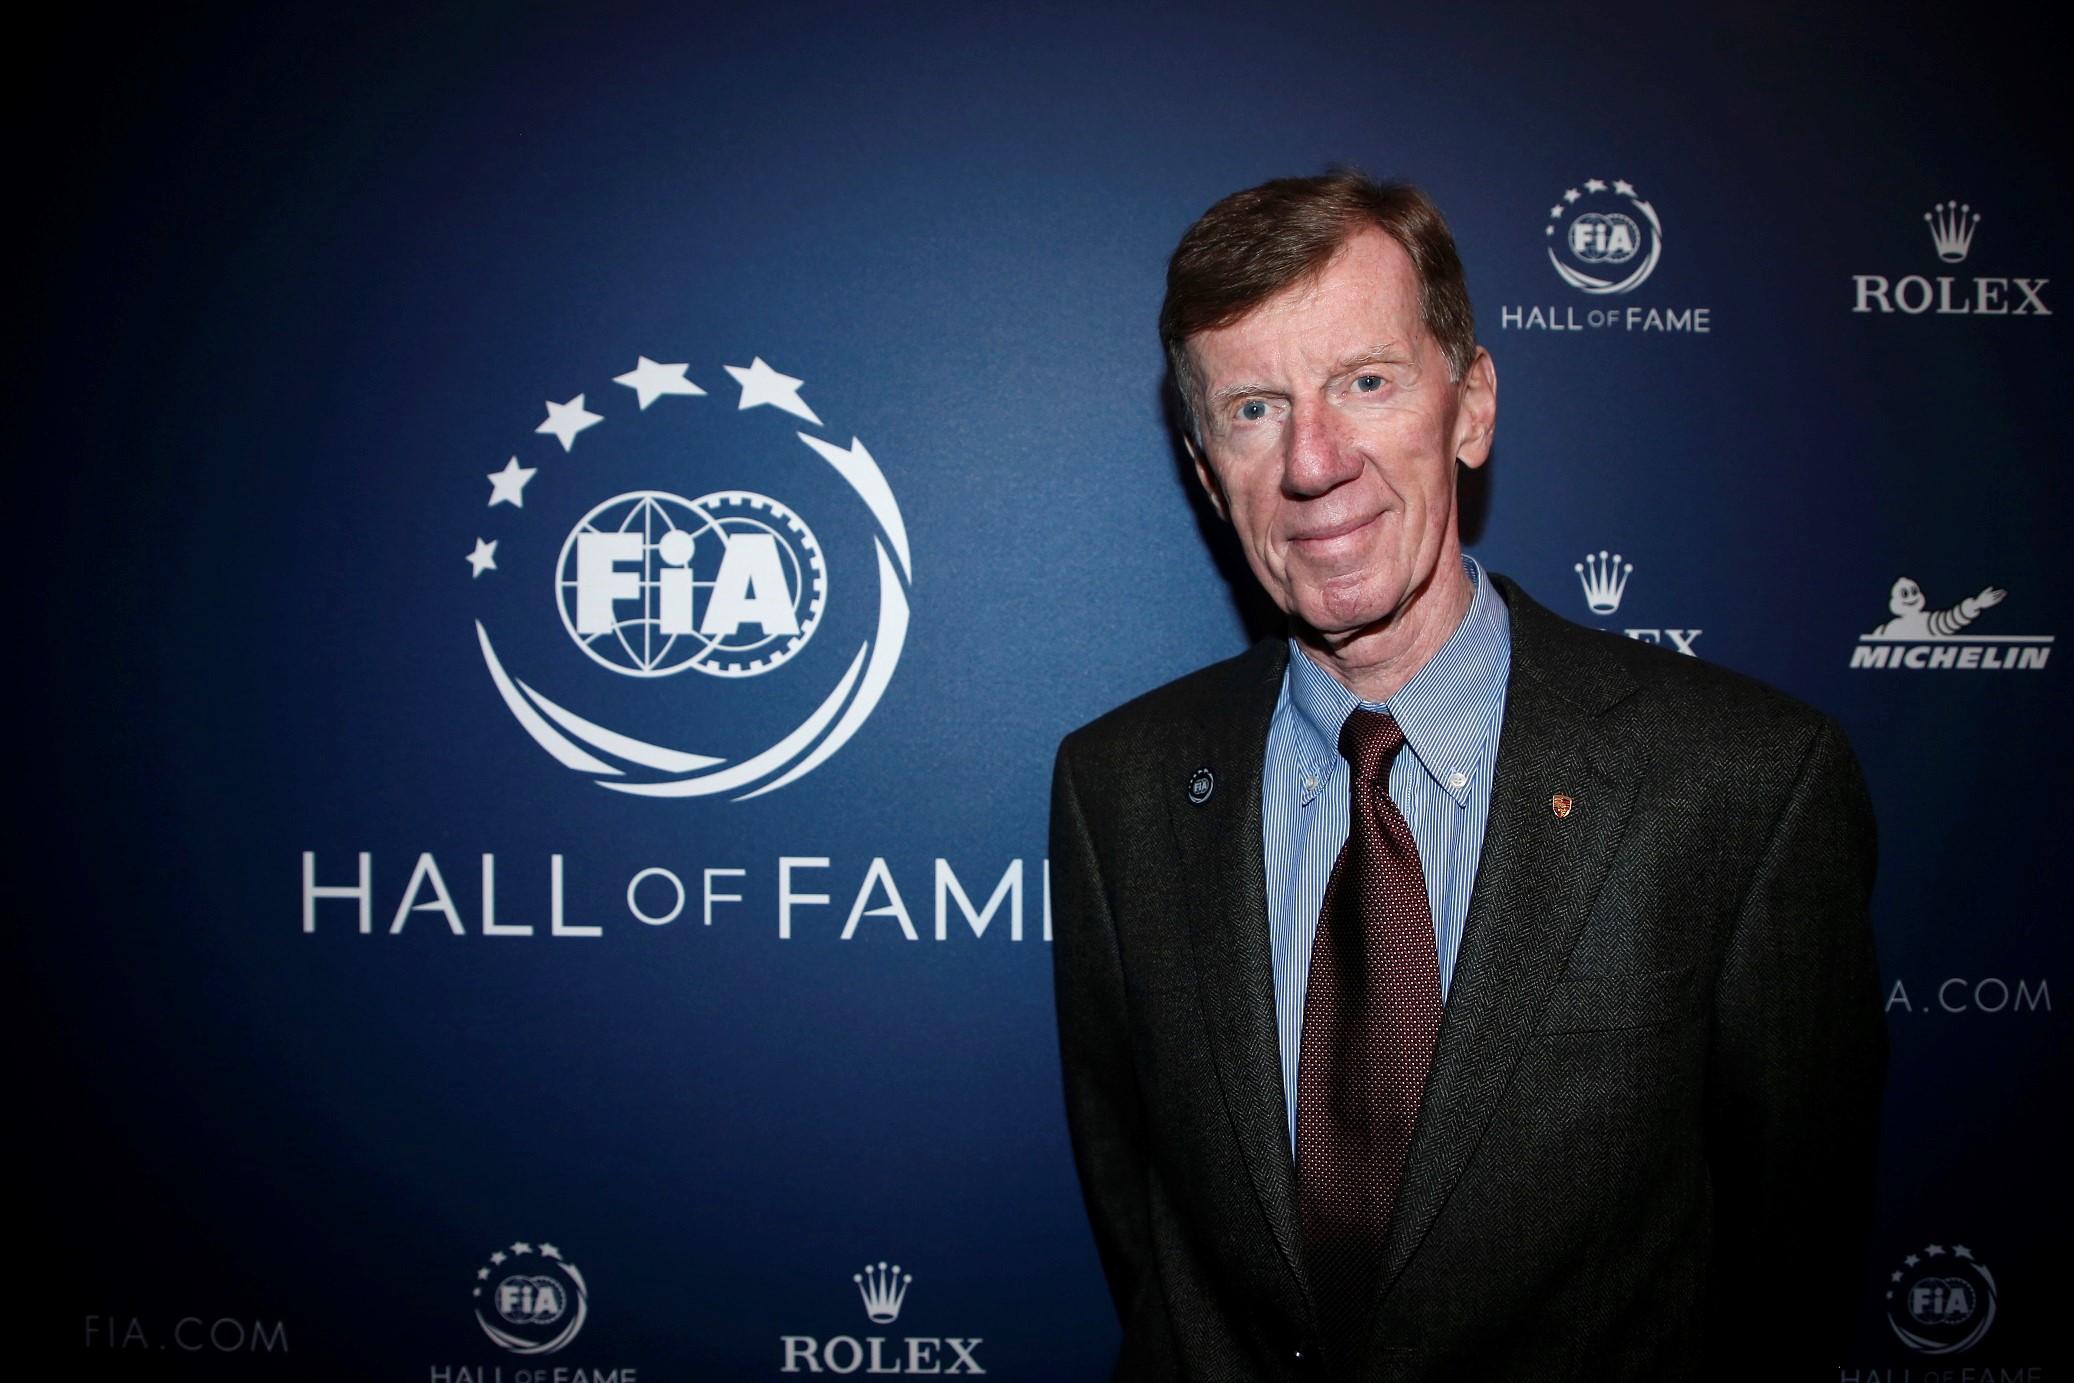 Walter Röhrl w Galerii Sław FIA